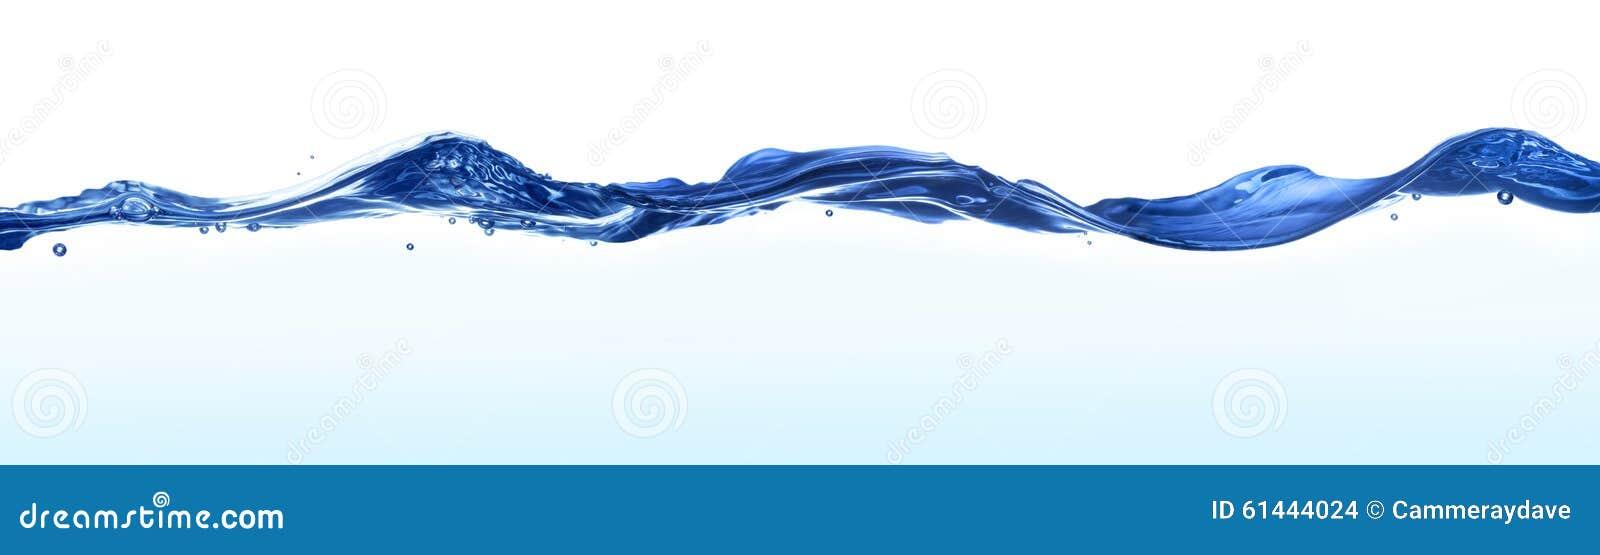 Υπόβαθρο εμβλημάτων νερού κυμάτων